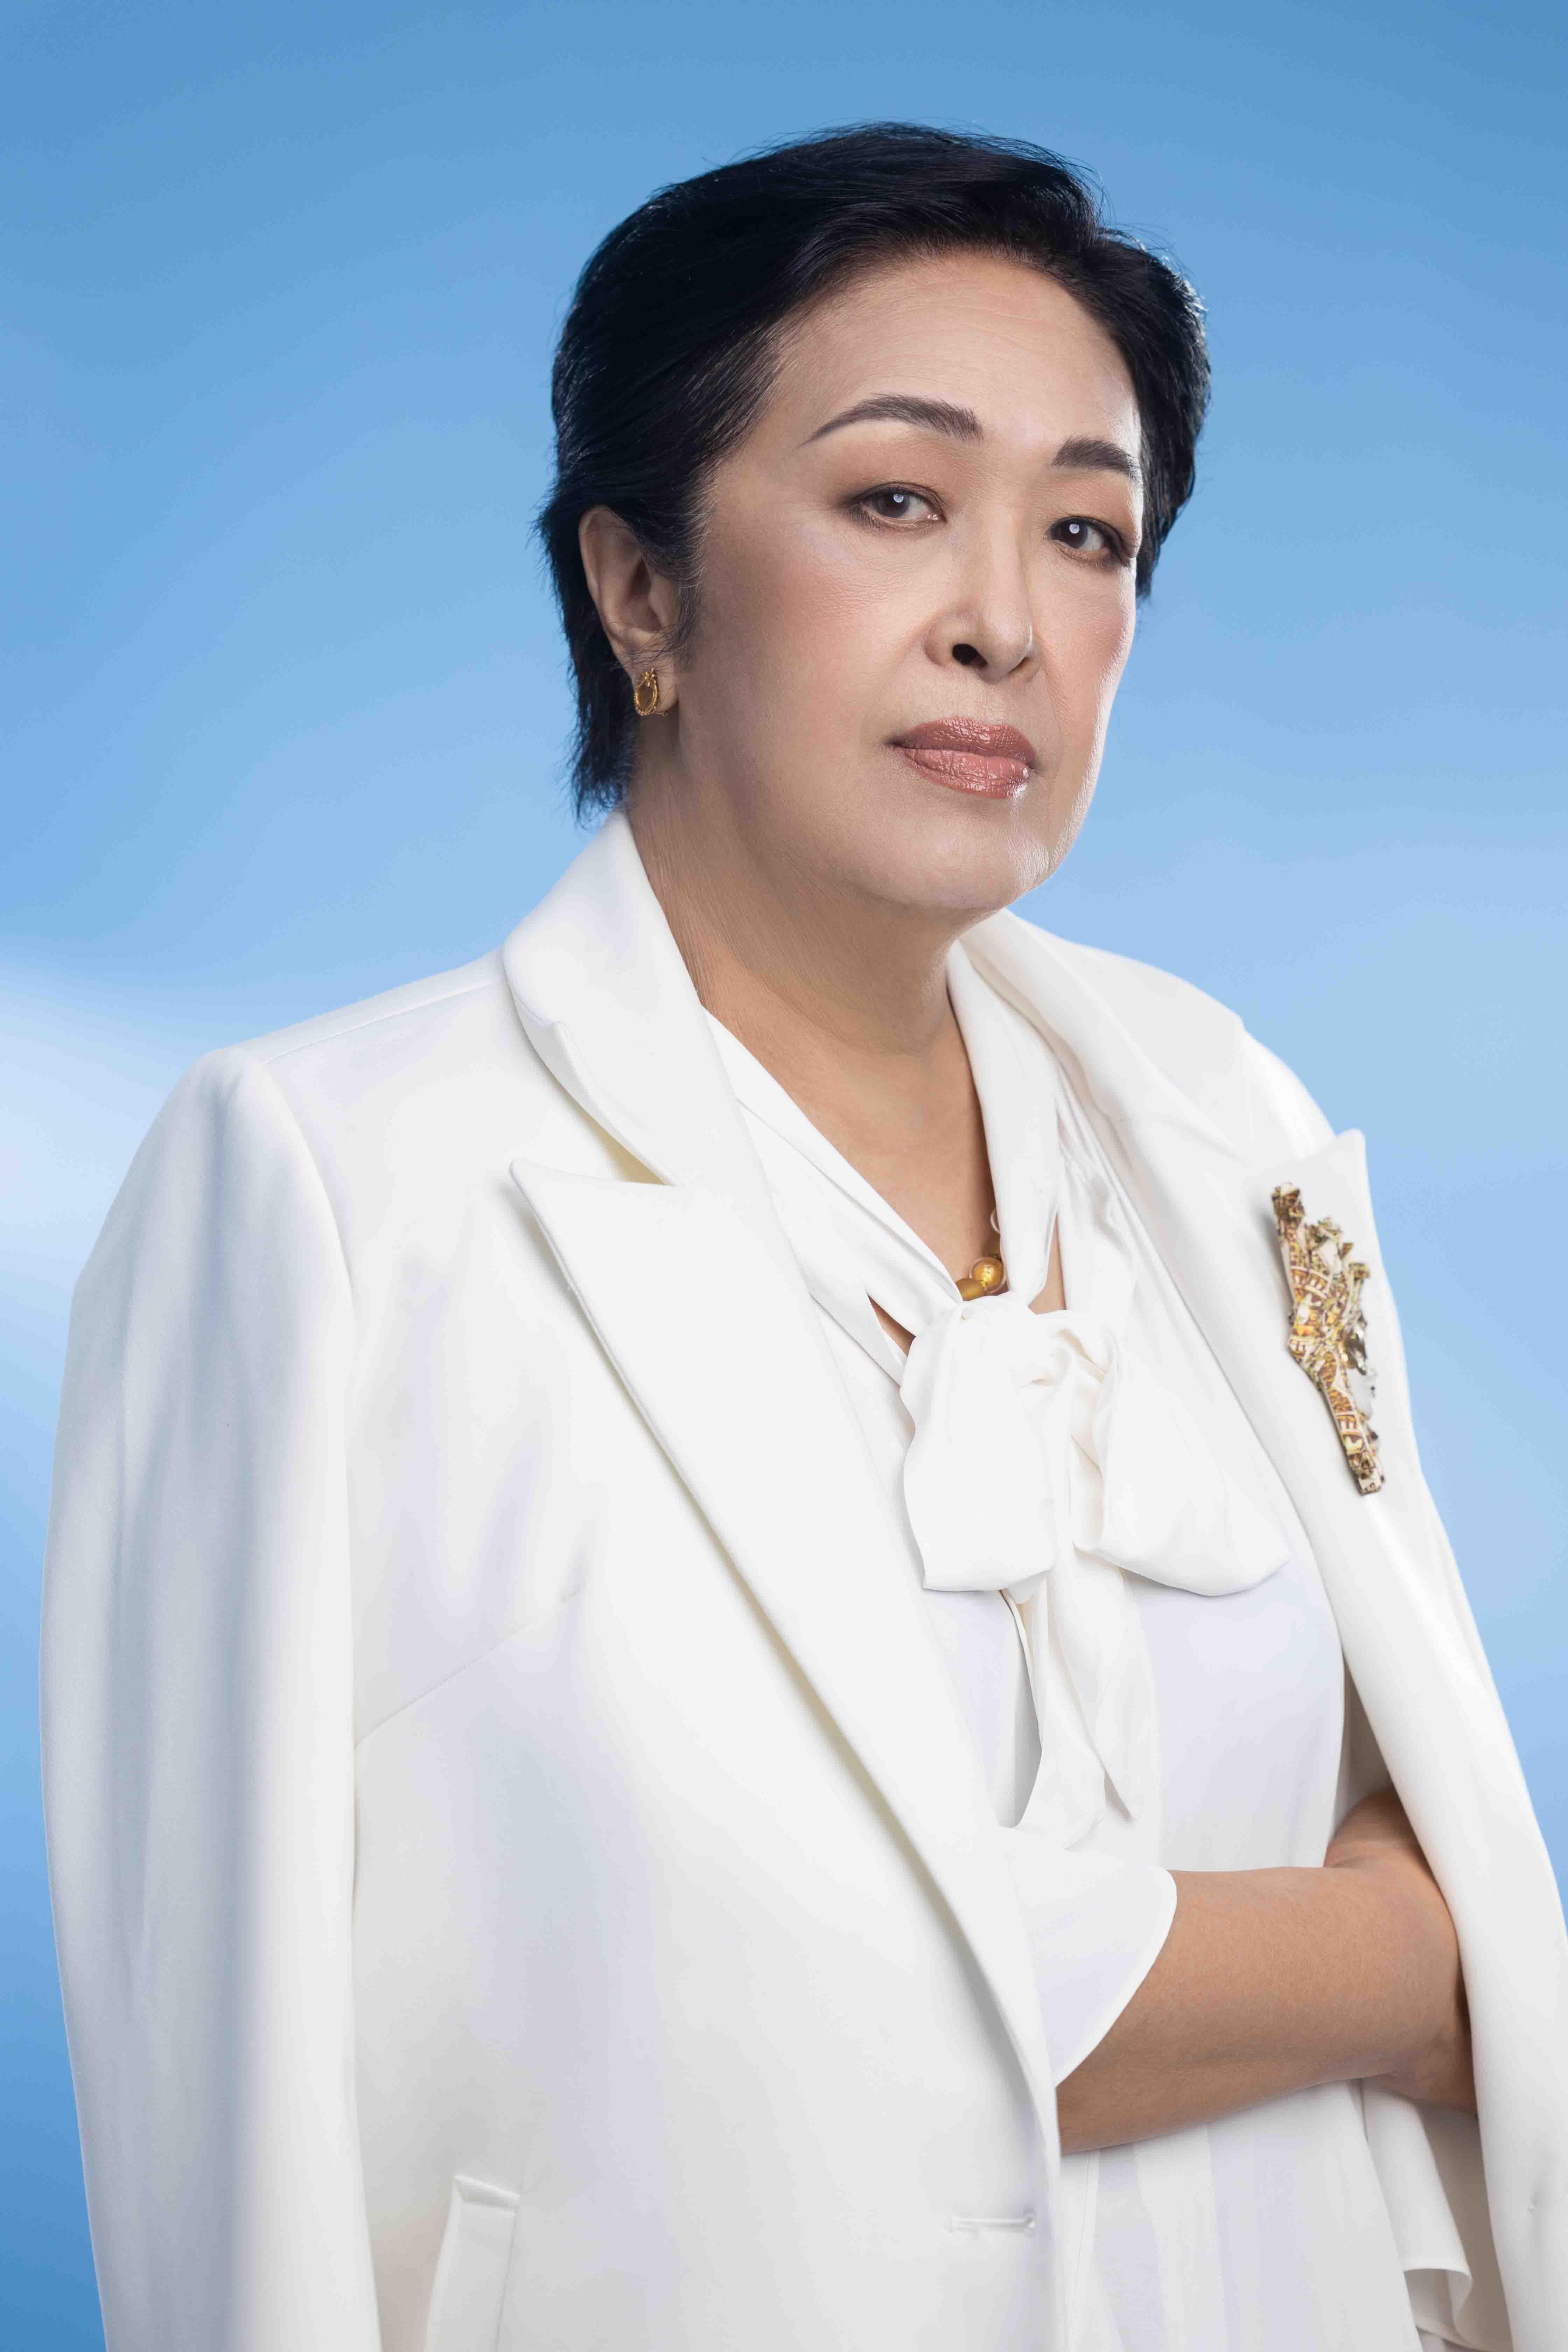 nhà giáo dục Tôn Nữ Thị Ninh